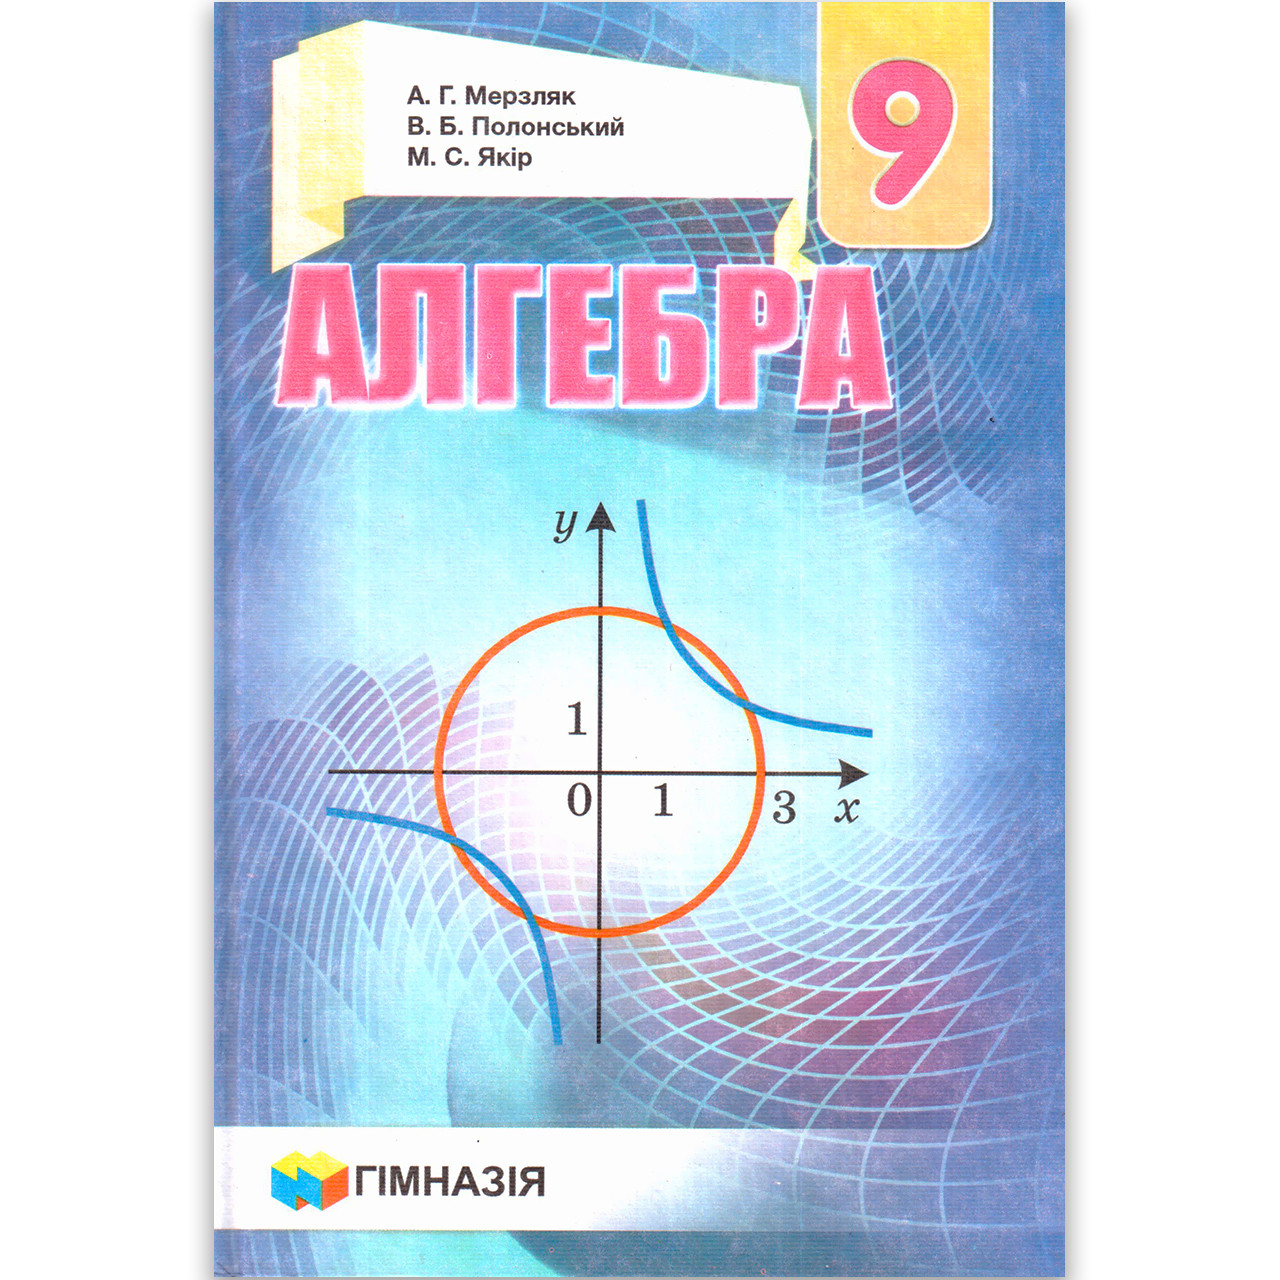 Підручник Алгебра 9 клас Авт: Мерзляк А. Полонський Ст. Якір М. Вид: Гімназія